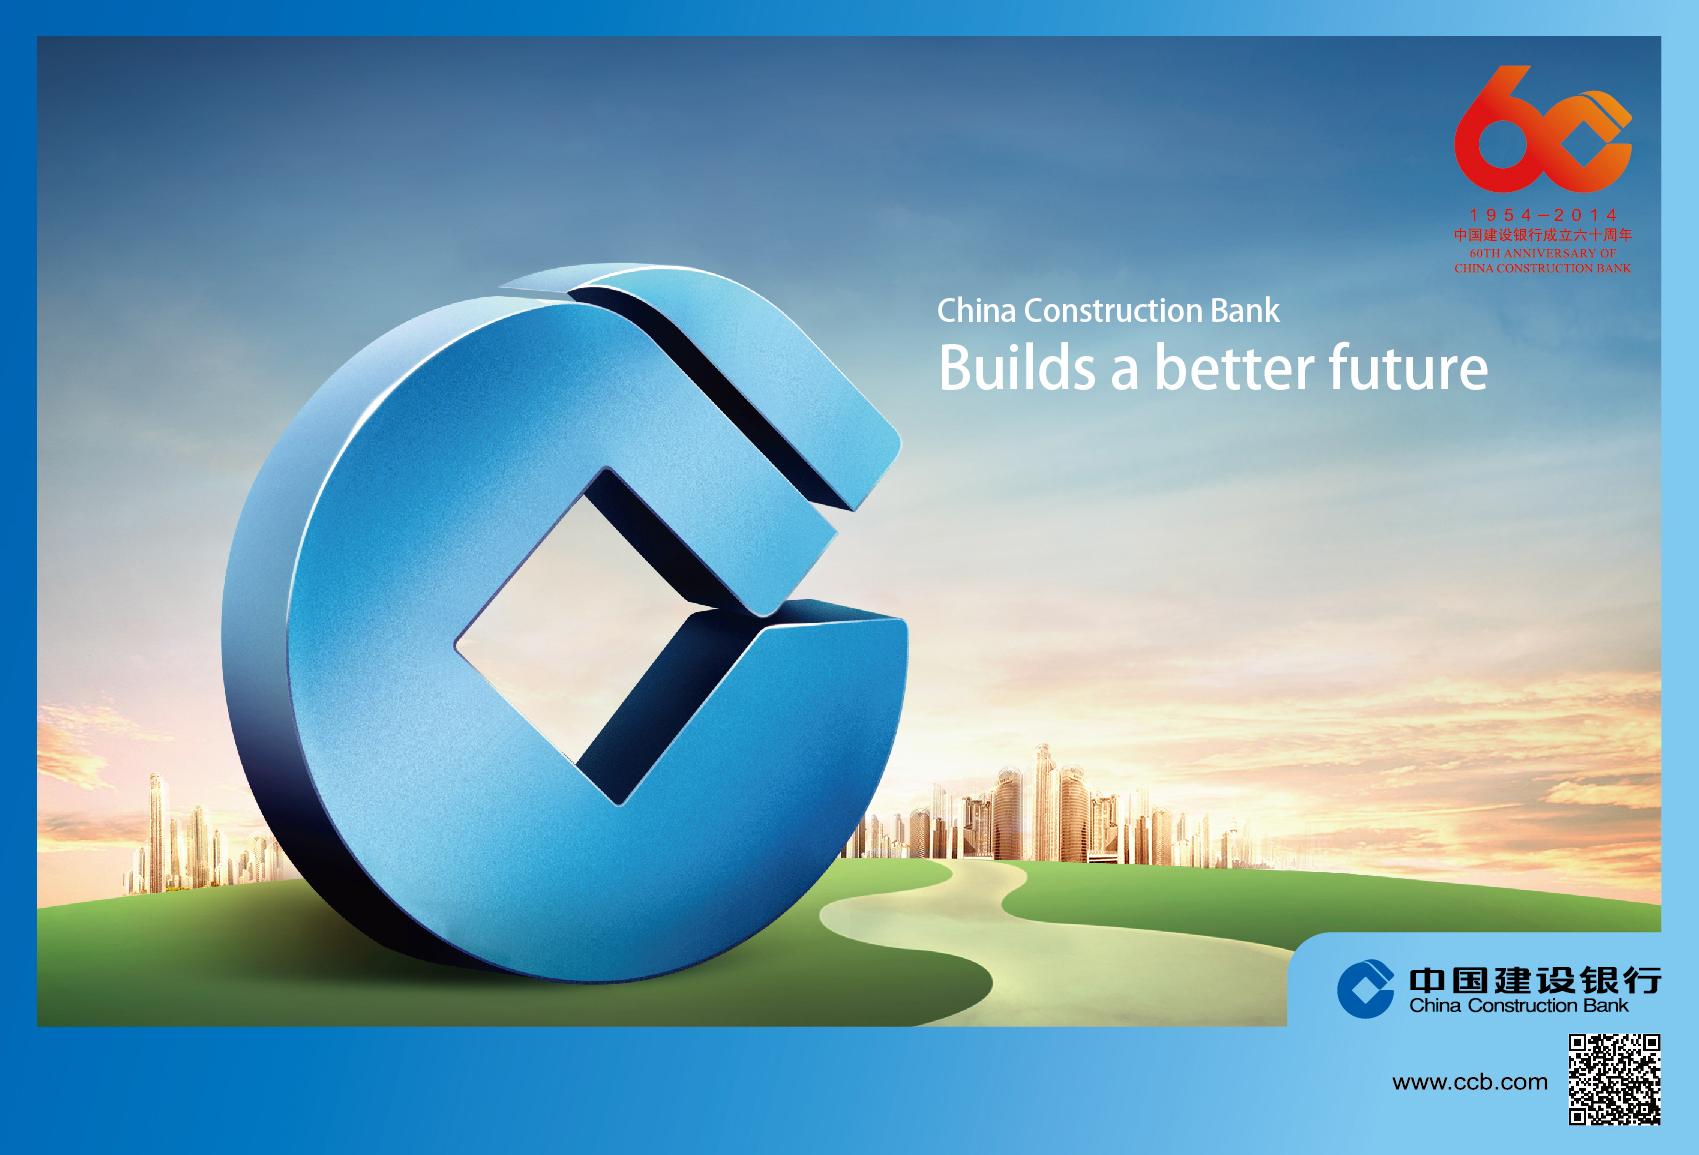 中国建设银行品牌形象暨成立60周年全球广告宣传创意设计图片